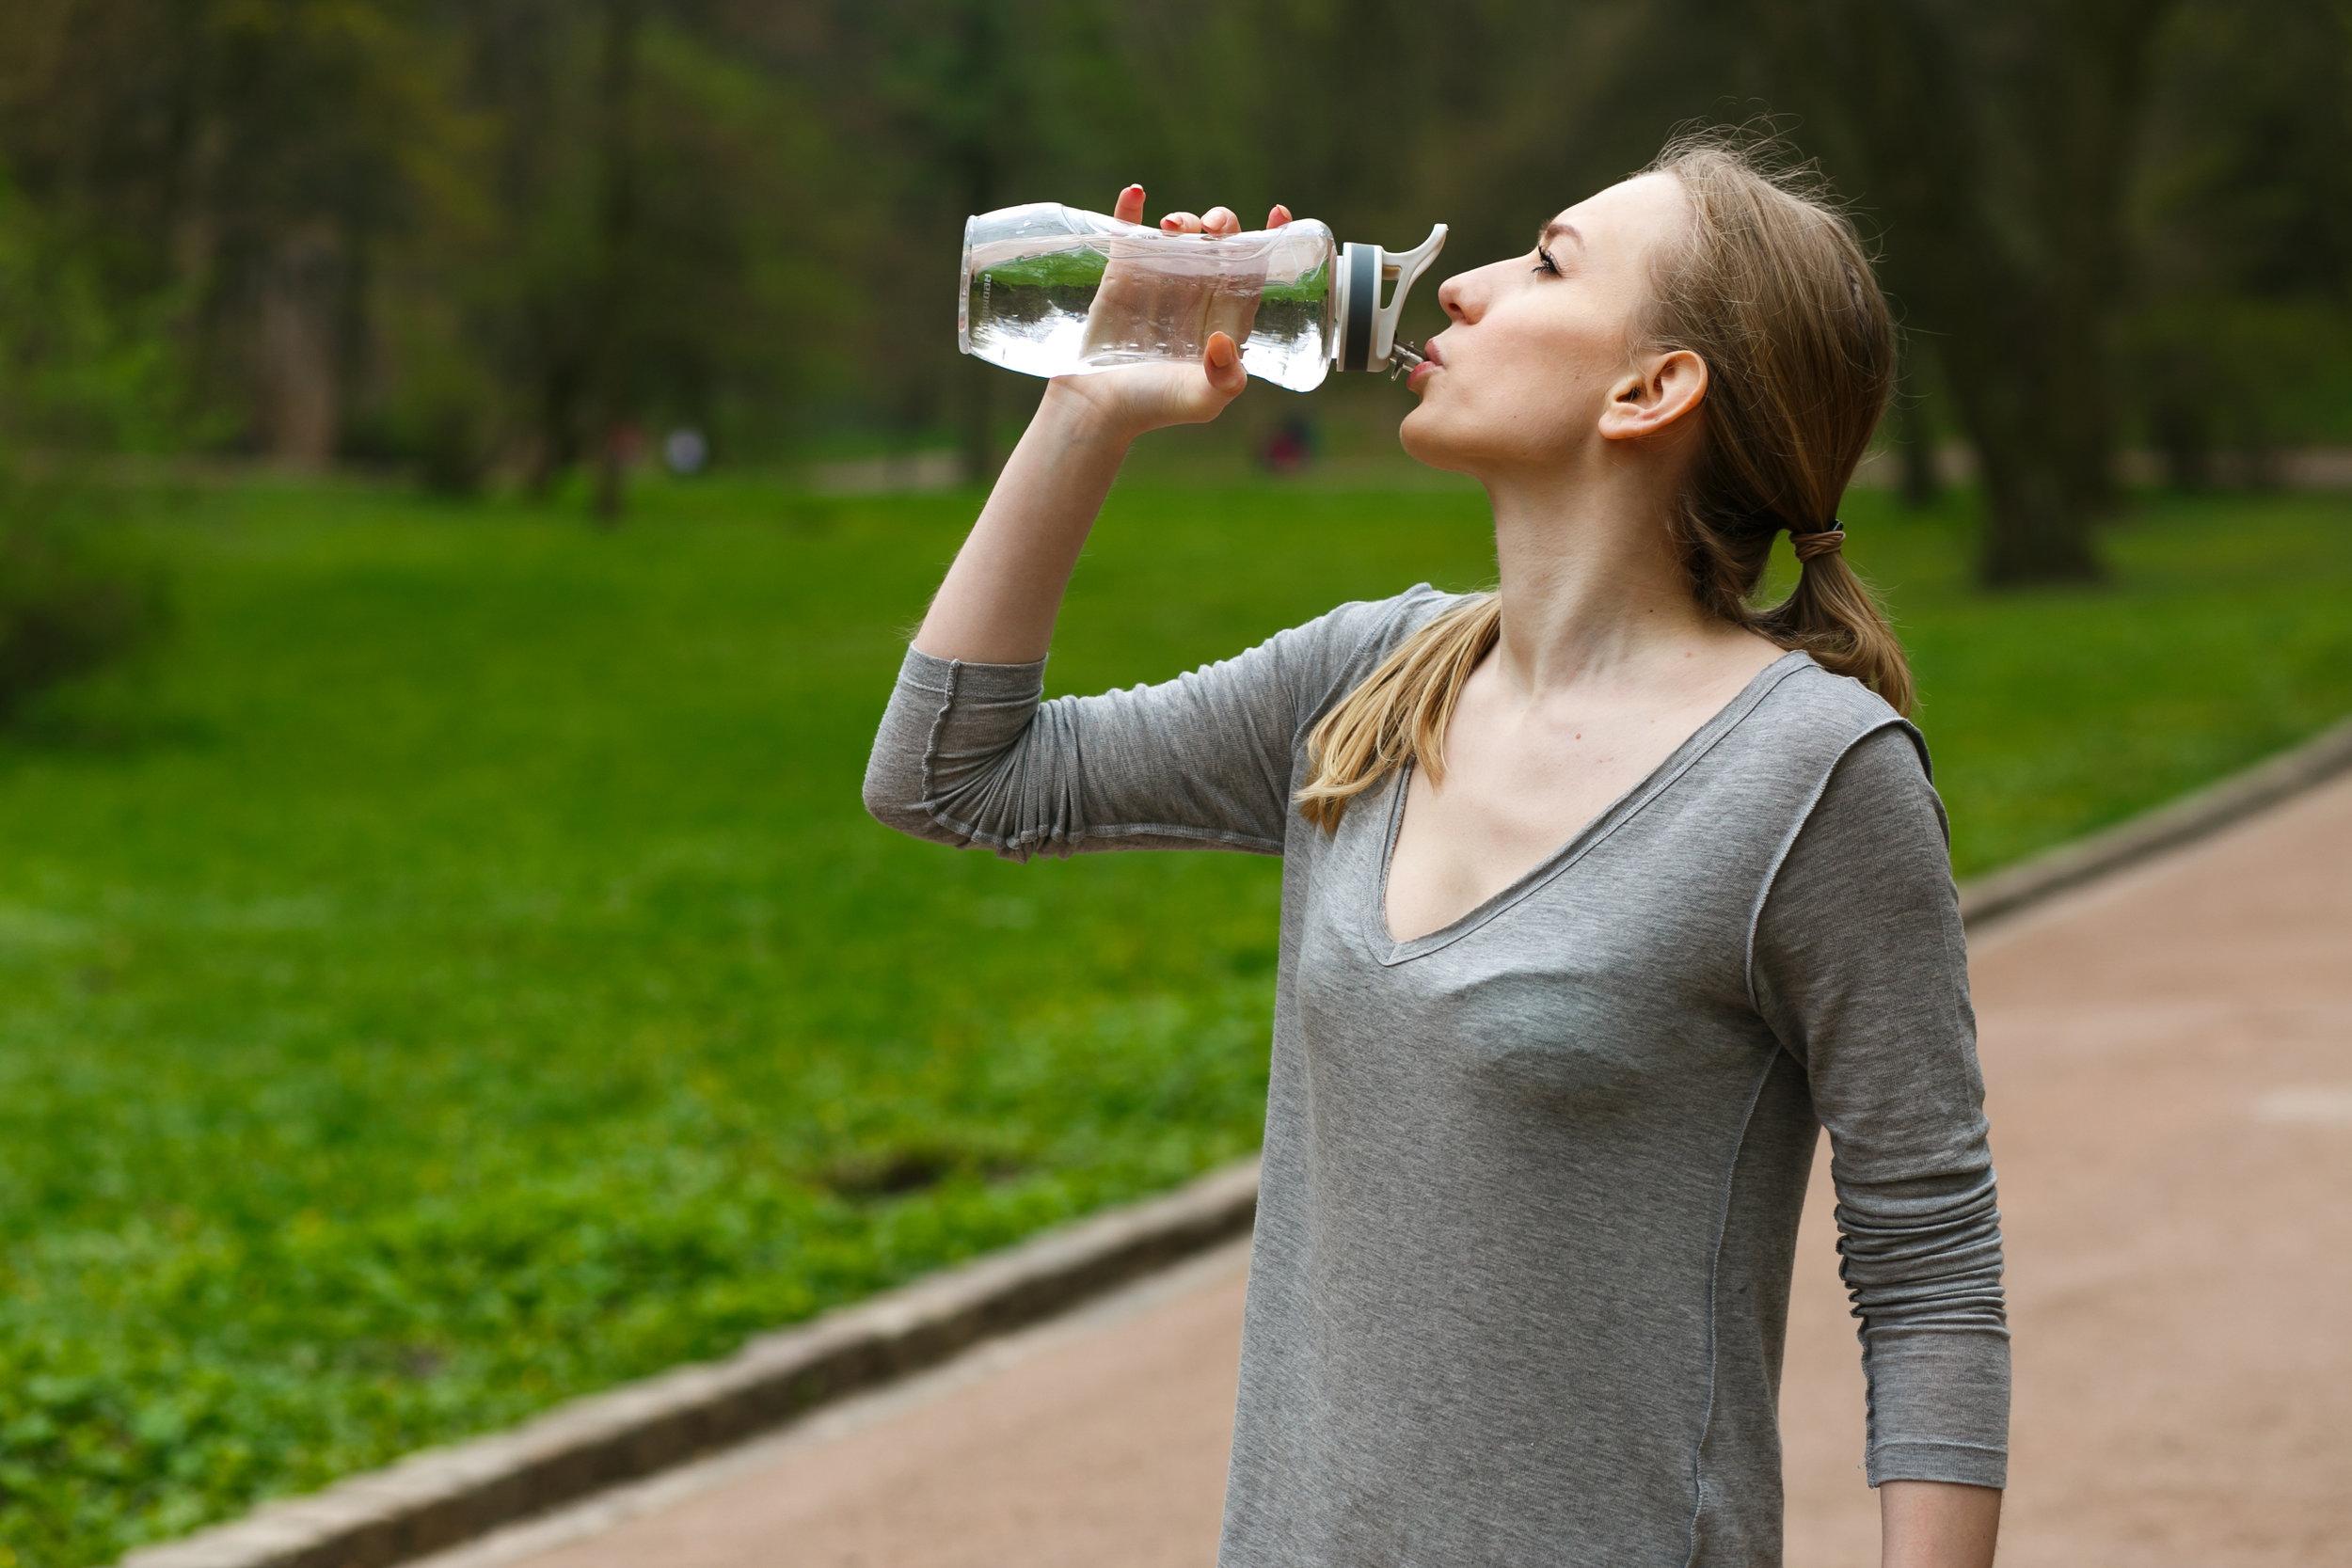 L'hydratation, primordiale. - On parle souvent d'alimentation en lien avec l'entraînement, mais on ne met toutefois pas suffisamment l'emphase sur l'aspect primordial d'une hydratation adéquate. Boire suffisamment, avant, pendant et après l'effort permet au corps une récupération optimale. En plus, on évite les désagréments ponctuels tels que les crampes, le manque d'énergie et les maux de tête. On prévient également les autres problèmes de santé en éliminant convenablement les déchets et les toxines. Une bonne hydratation a donc des effets bénéfiques sur vos performances athlétiques. Sportifs, sportives… à vos bouteilles d'eau!